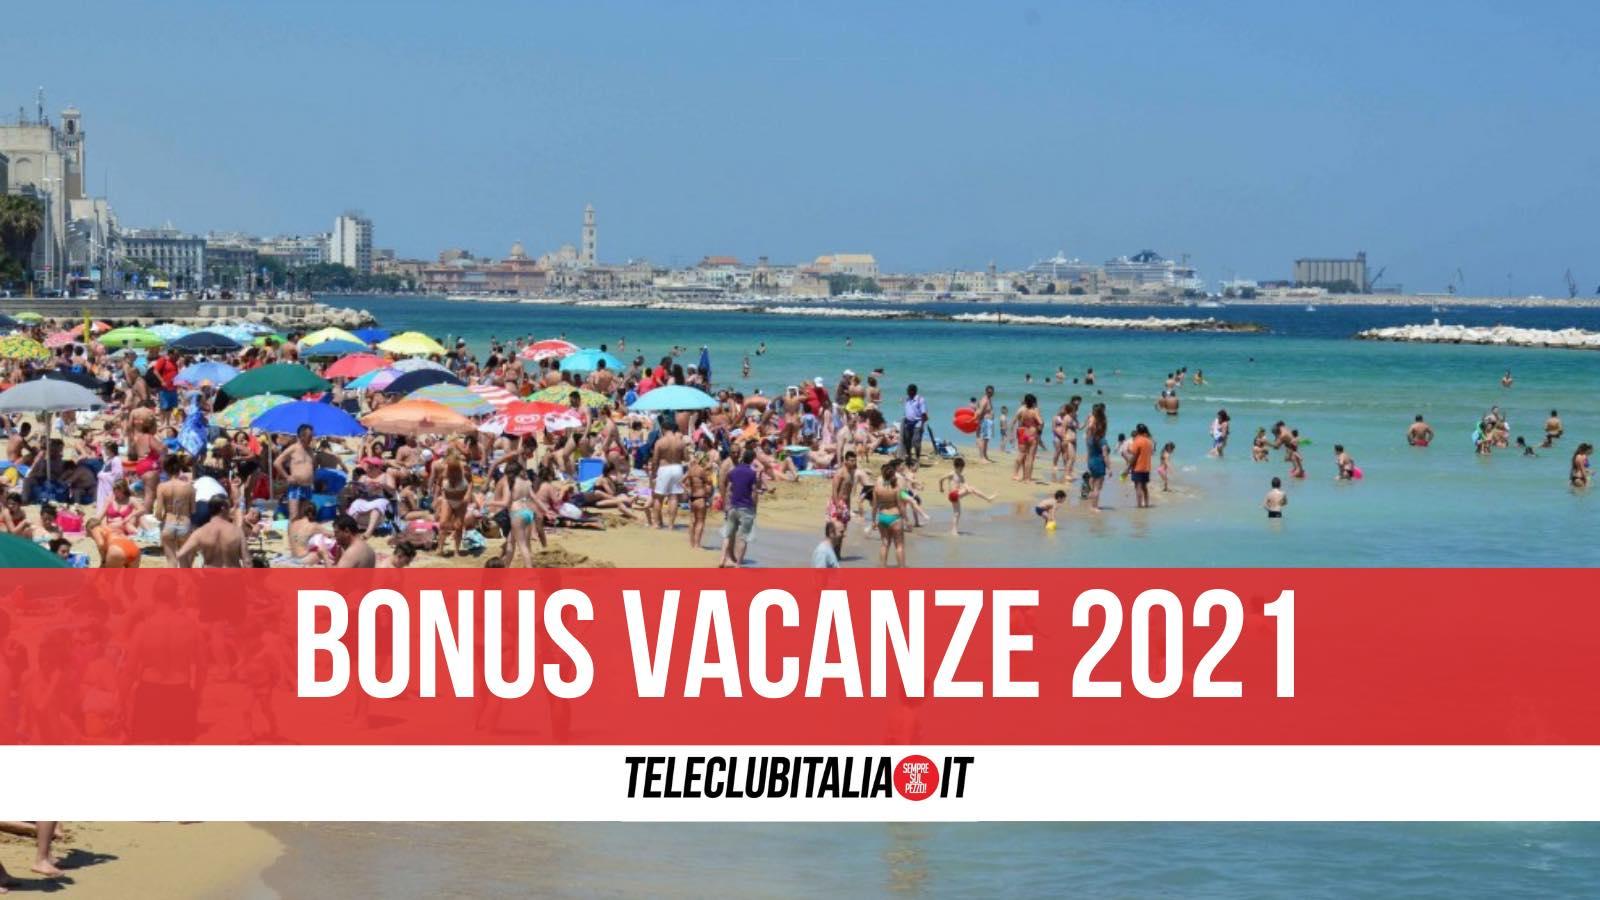 bonus vacanze 2021 rate agenzie di viaggio